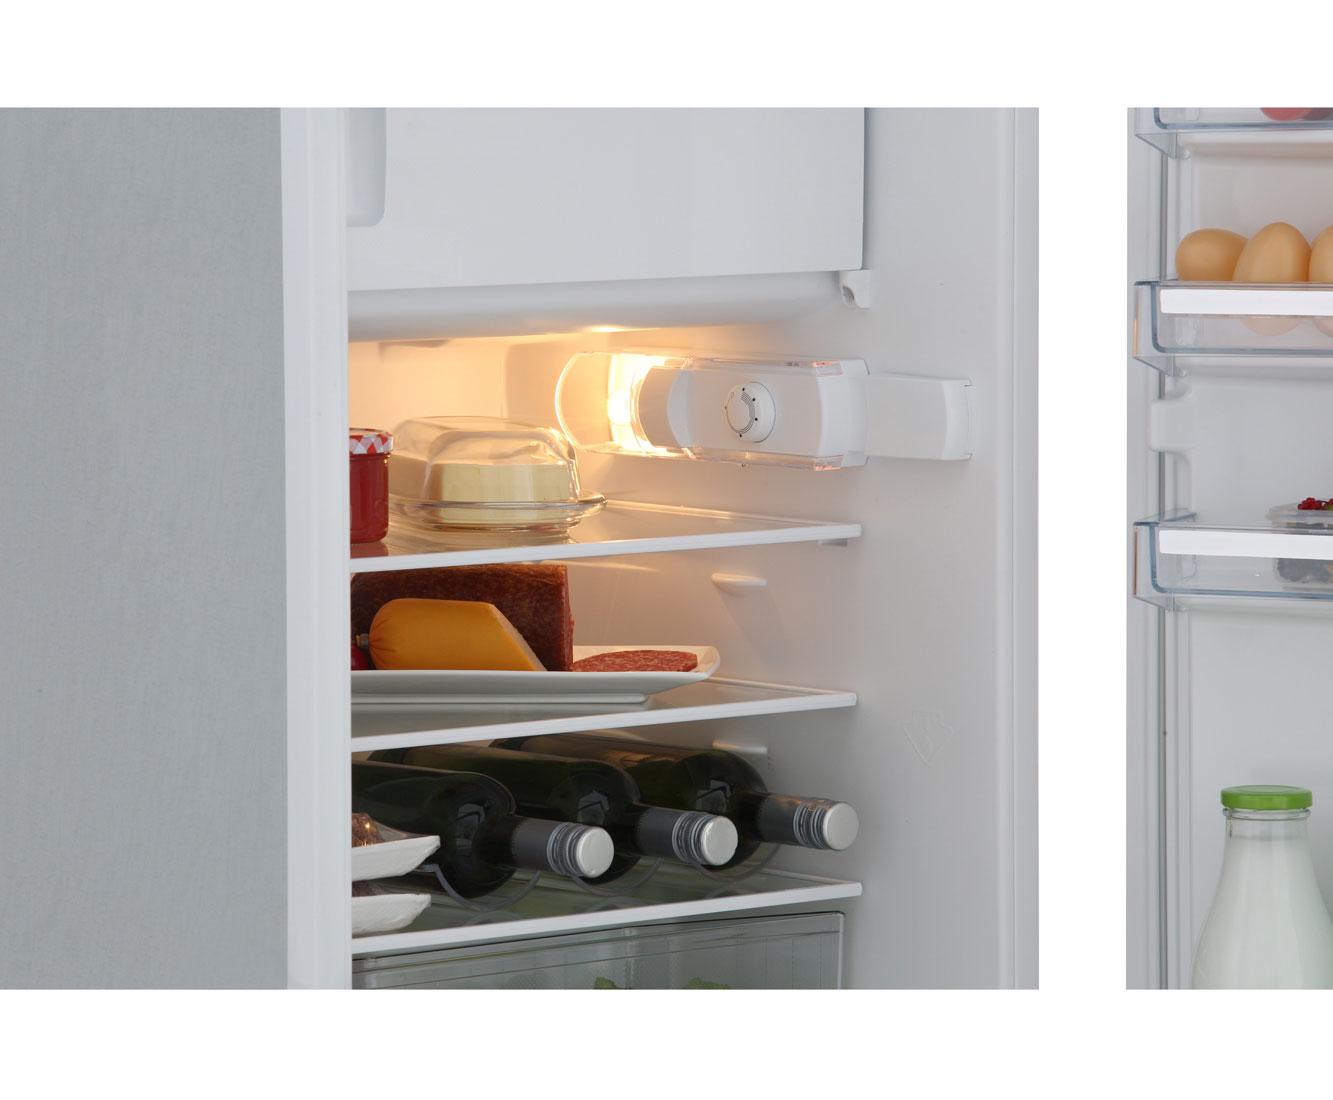 Siemens Kühlschrank Festtür Einbau : Siemens ki lv einbau kühlschrank mit gefrierfach er nische